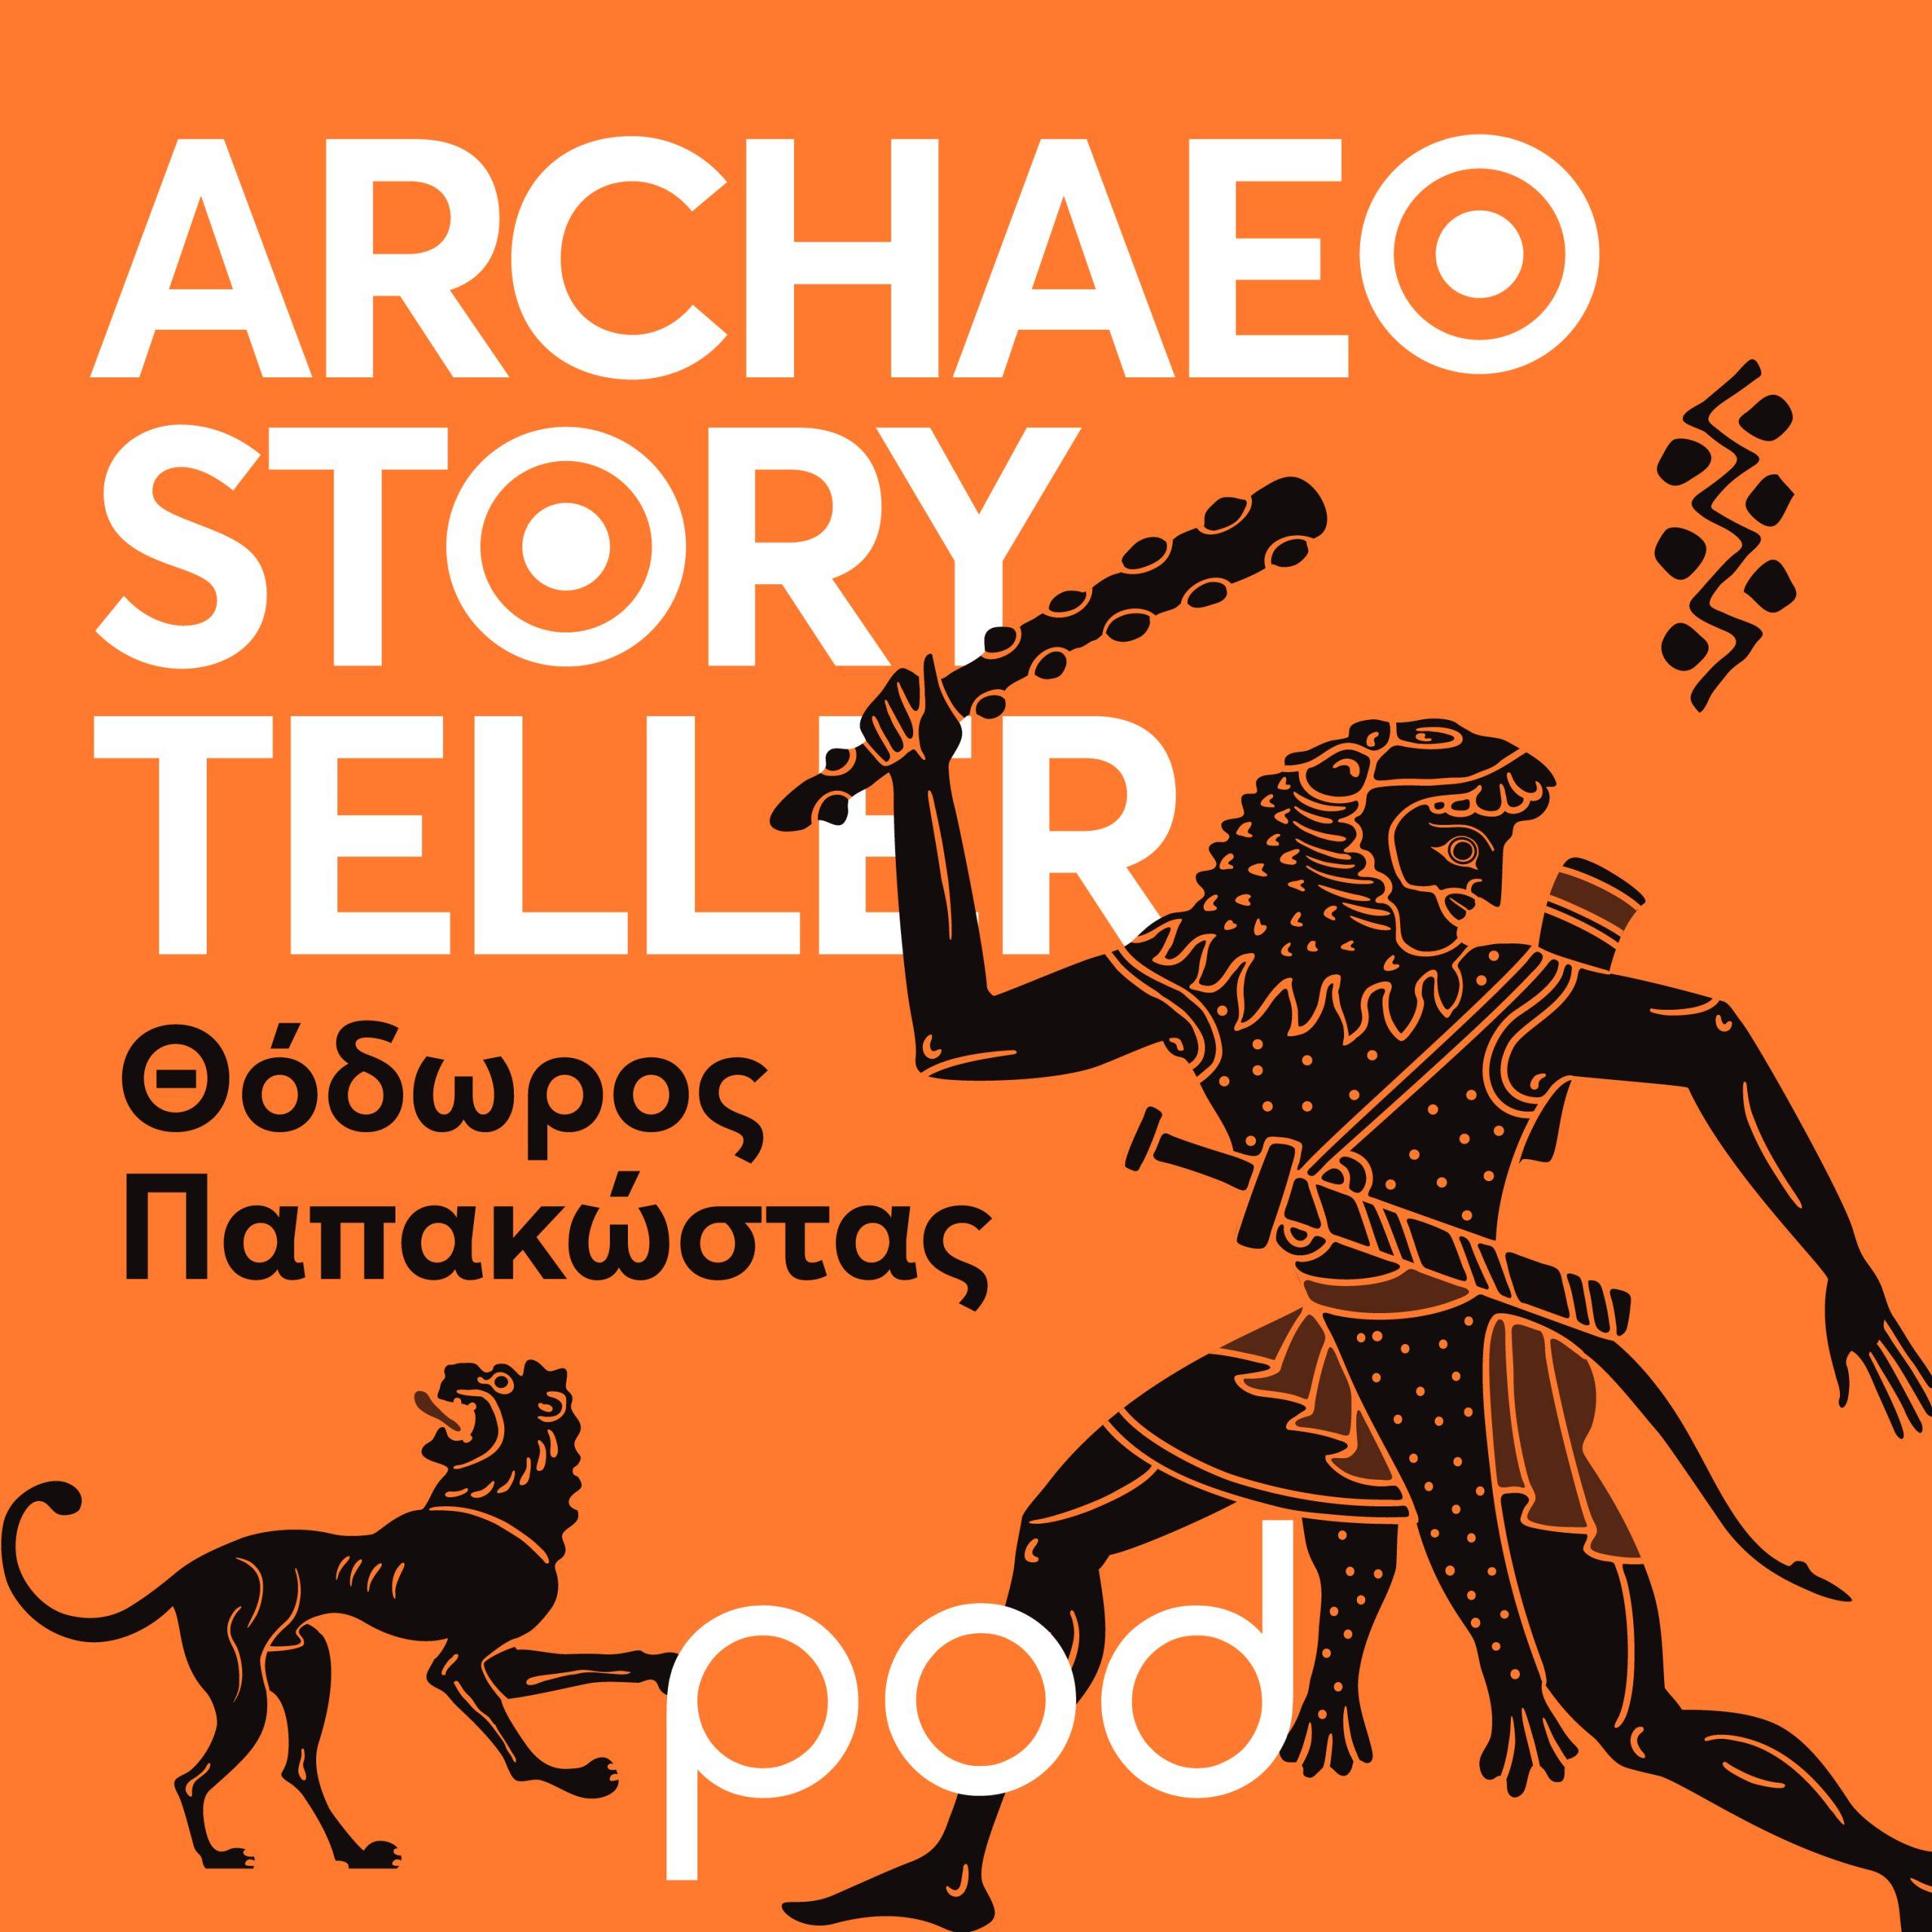 Archaeostoryteller-2 (1)